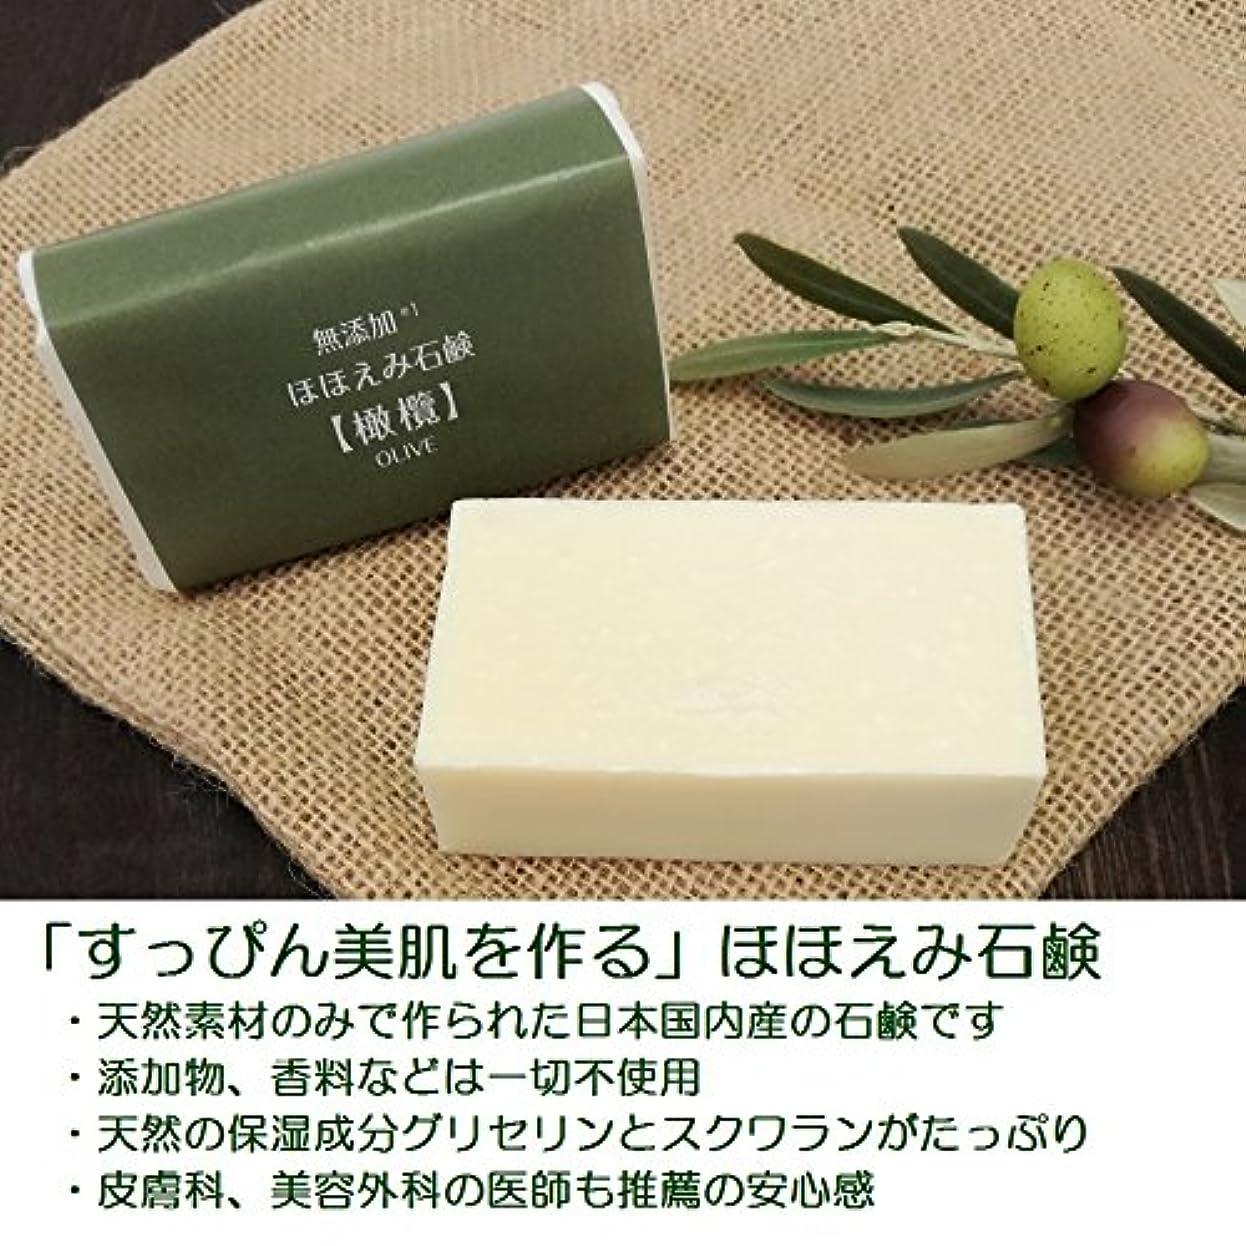 格差失速見込みすっぴん美肌を作る ほほえみ石鹸 オリーブ 無添加 オーガニック 日本製 80g